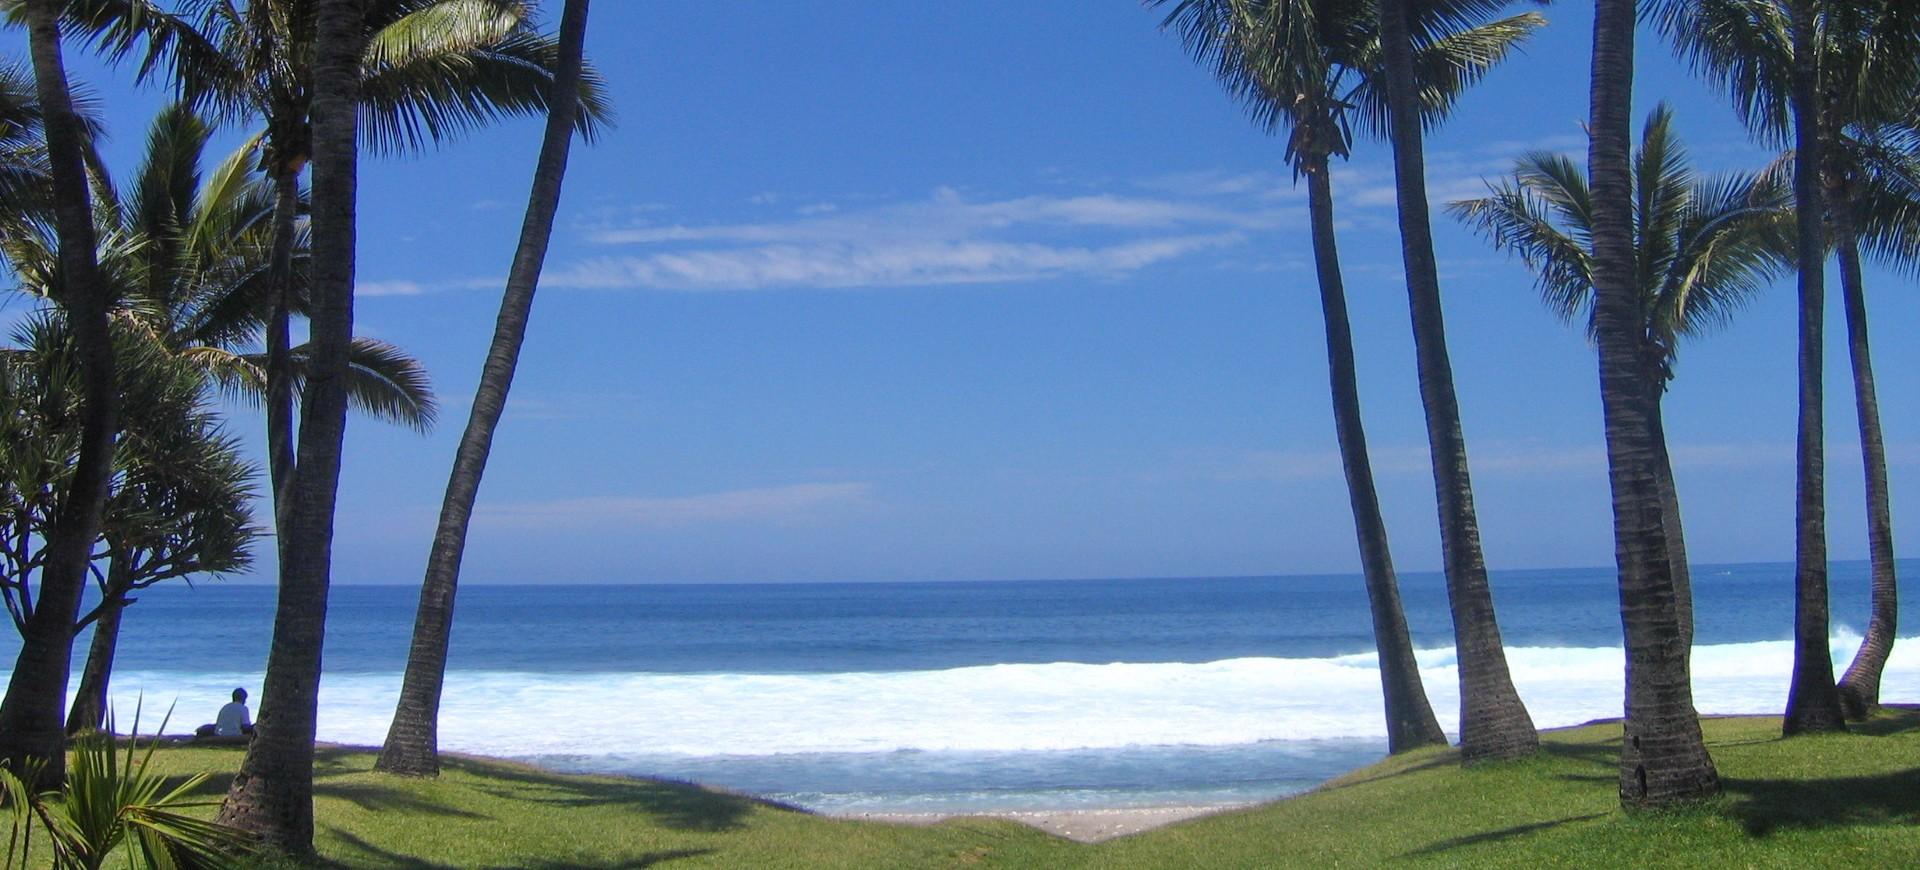 Grande Anse à I'île de la Réunion